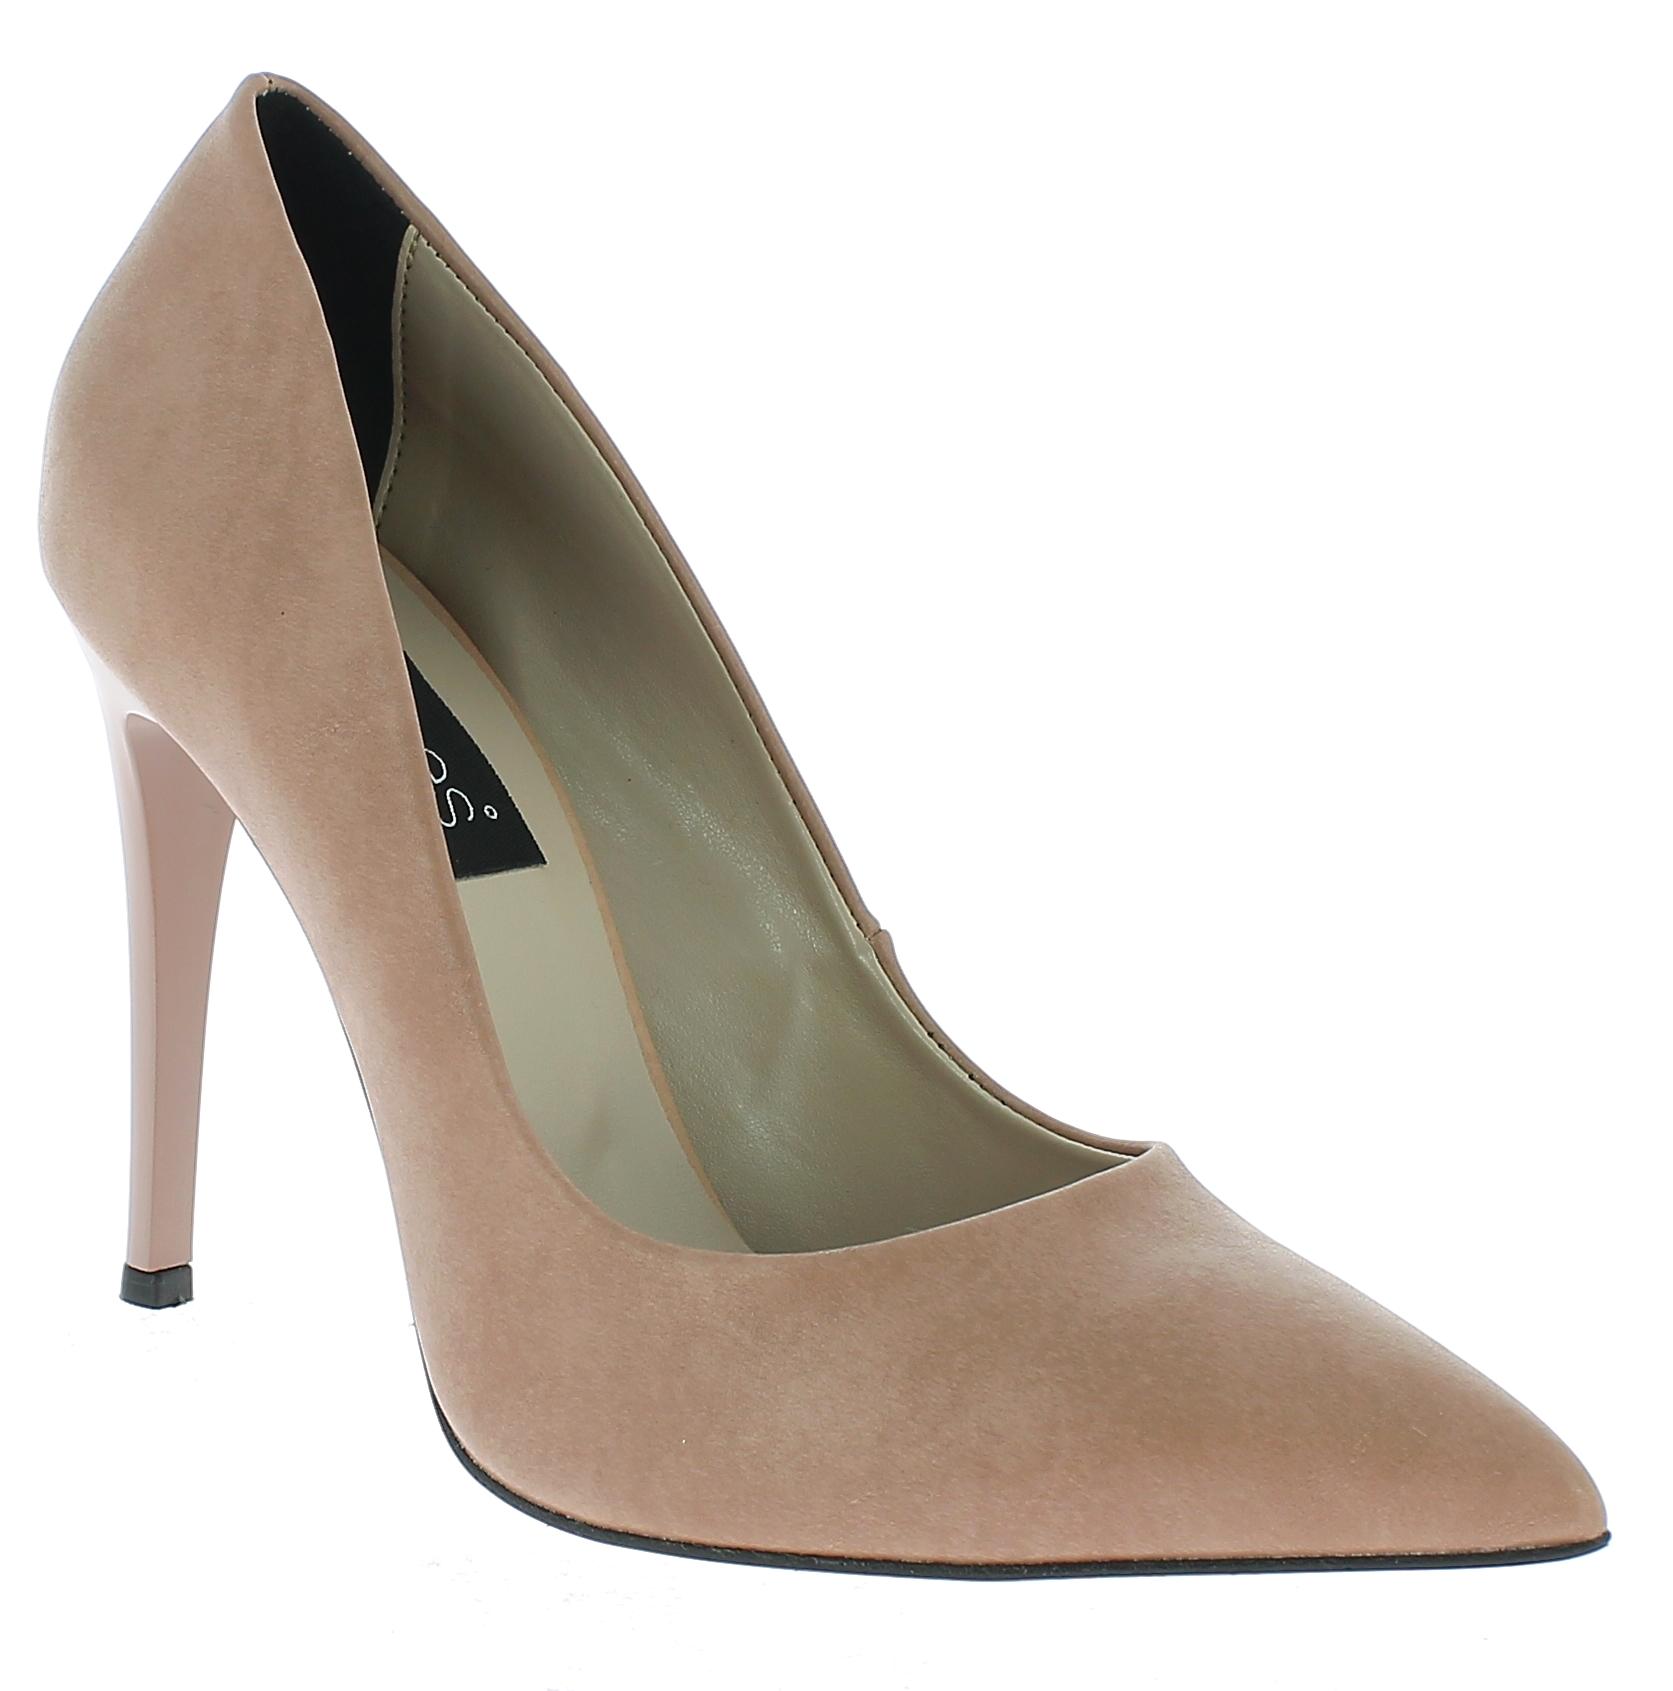 IQSHOES Γυναικεία Γόβα 90 Μπέζ - IqShoes - 58.90 BEIGE-beige-36/1/7/7 παπούτσια  γόβες